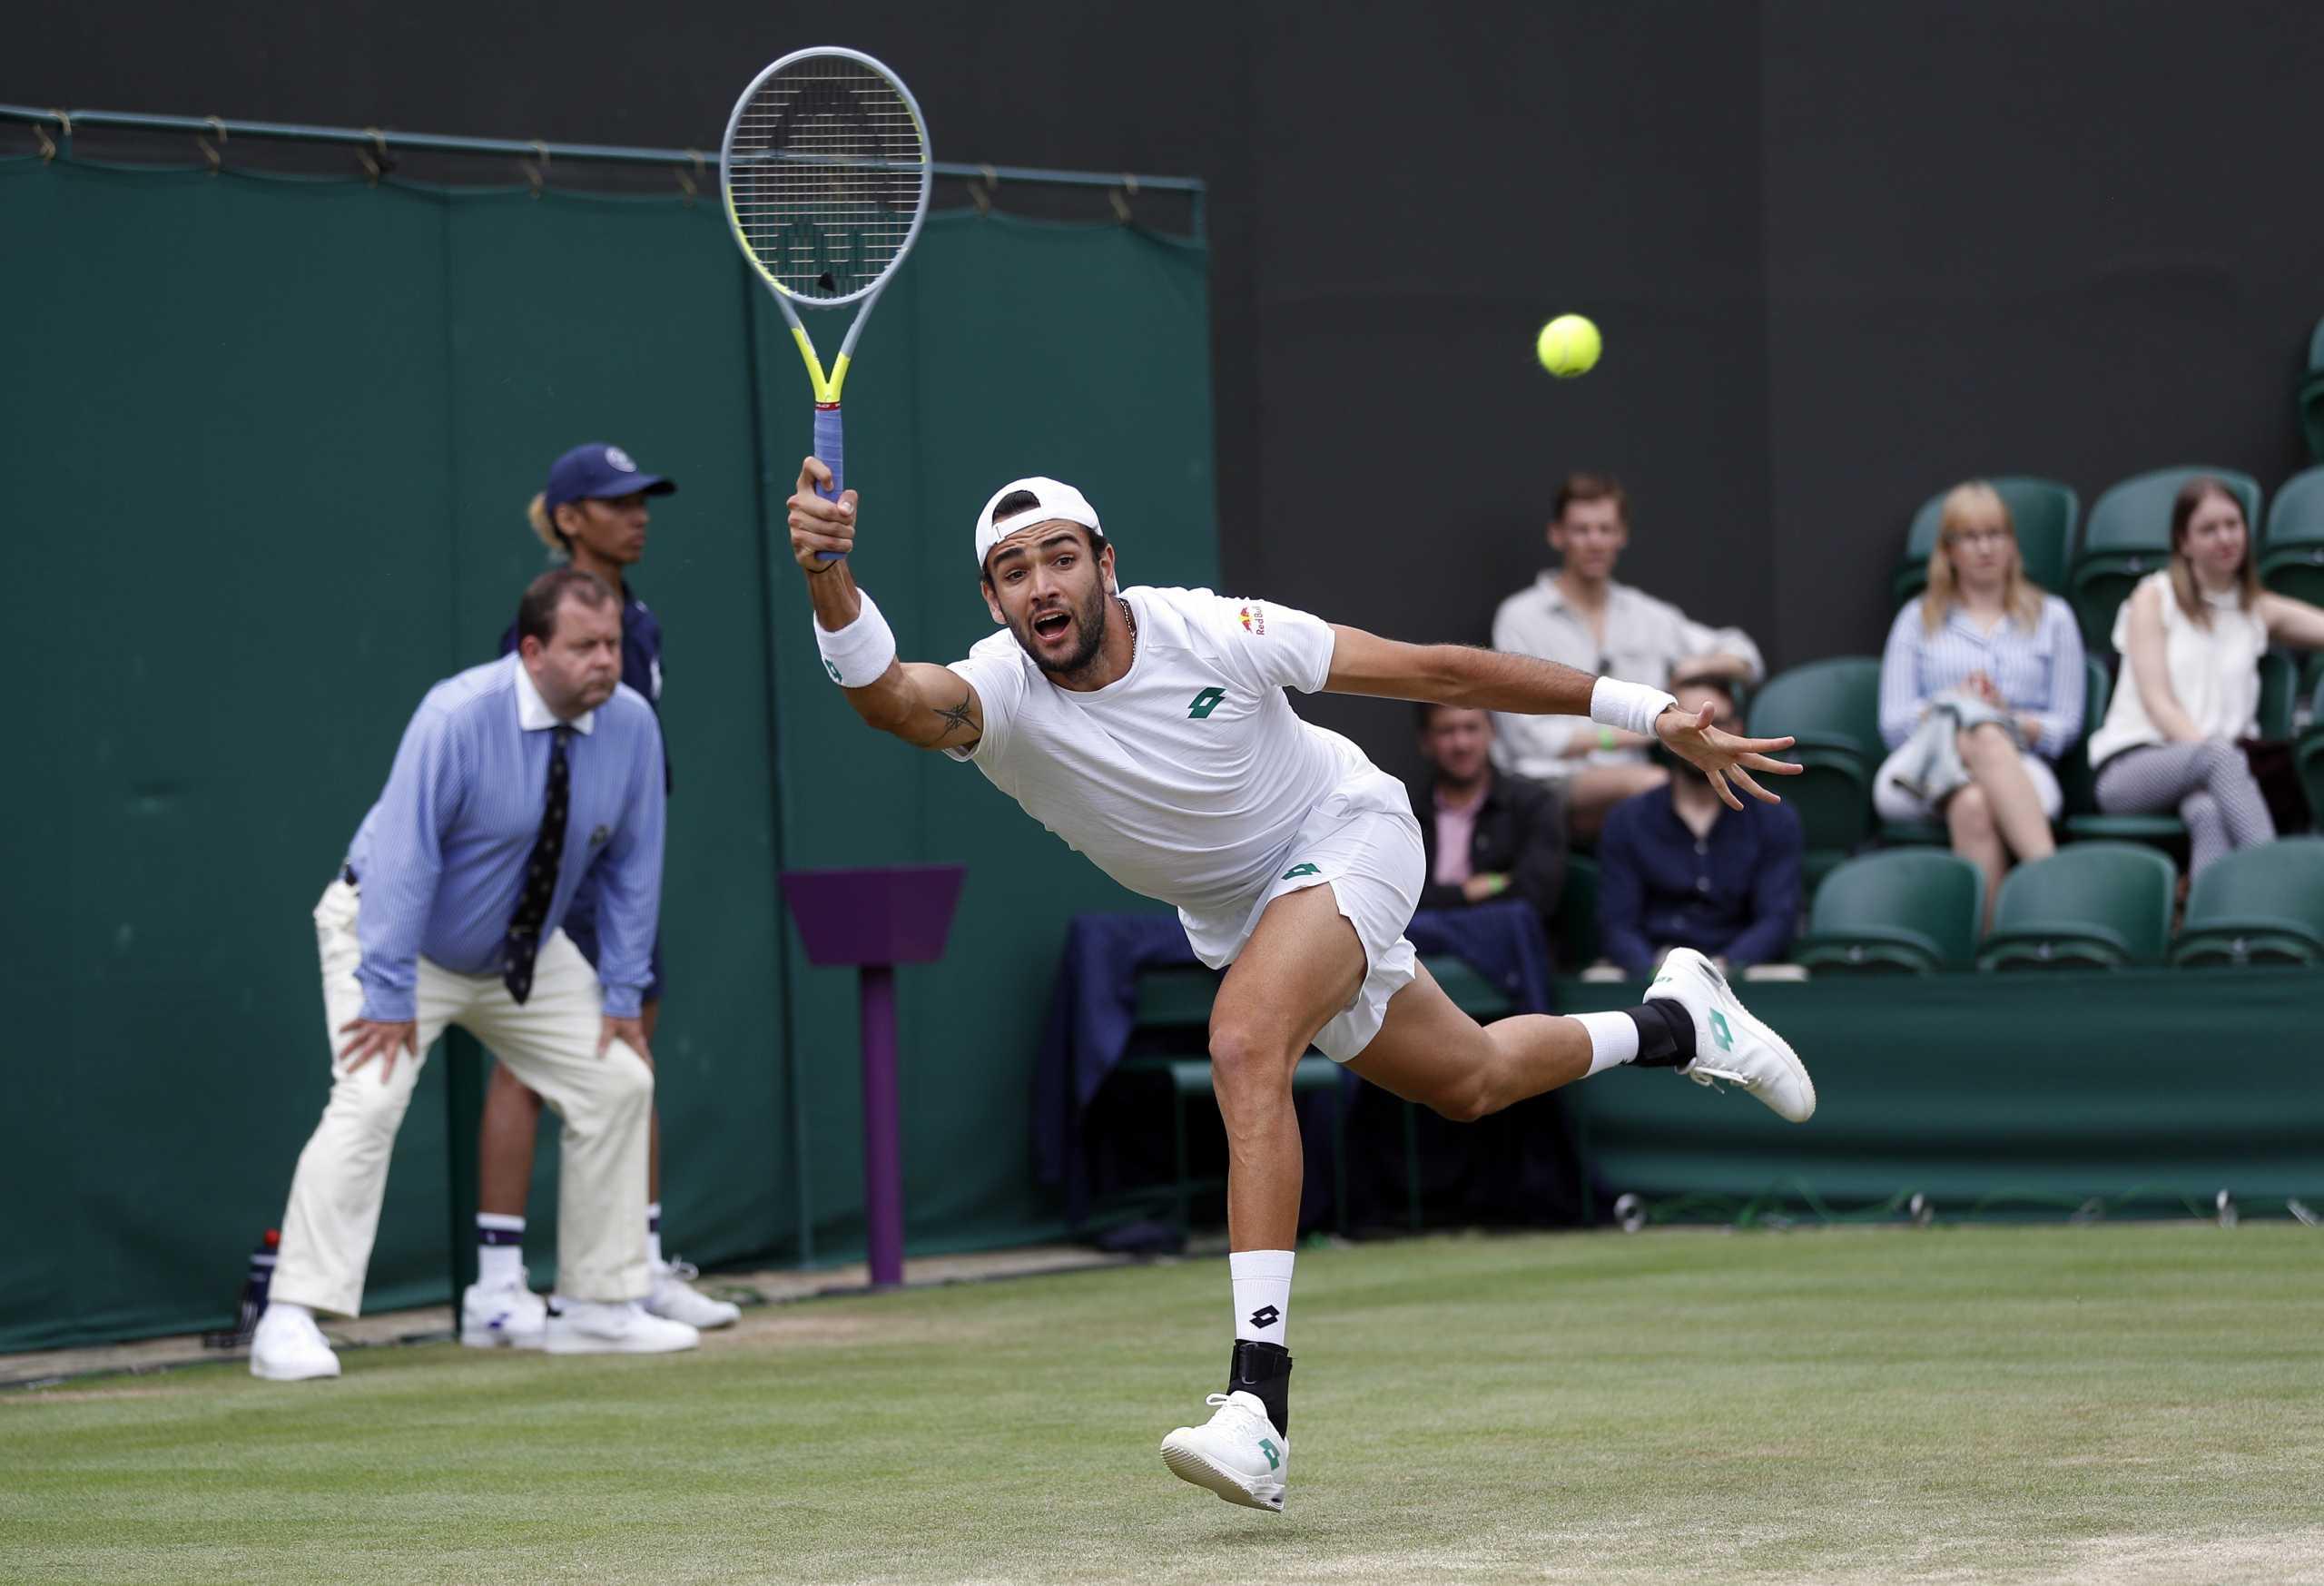 Ολυμπιακοί Αγώνες: Αποσύρθηκε και ο Μπερετίνι από το τουρνουά τένις